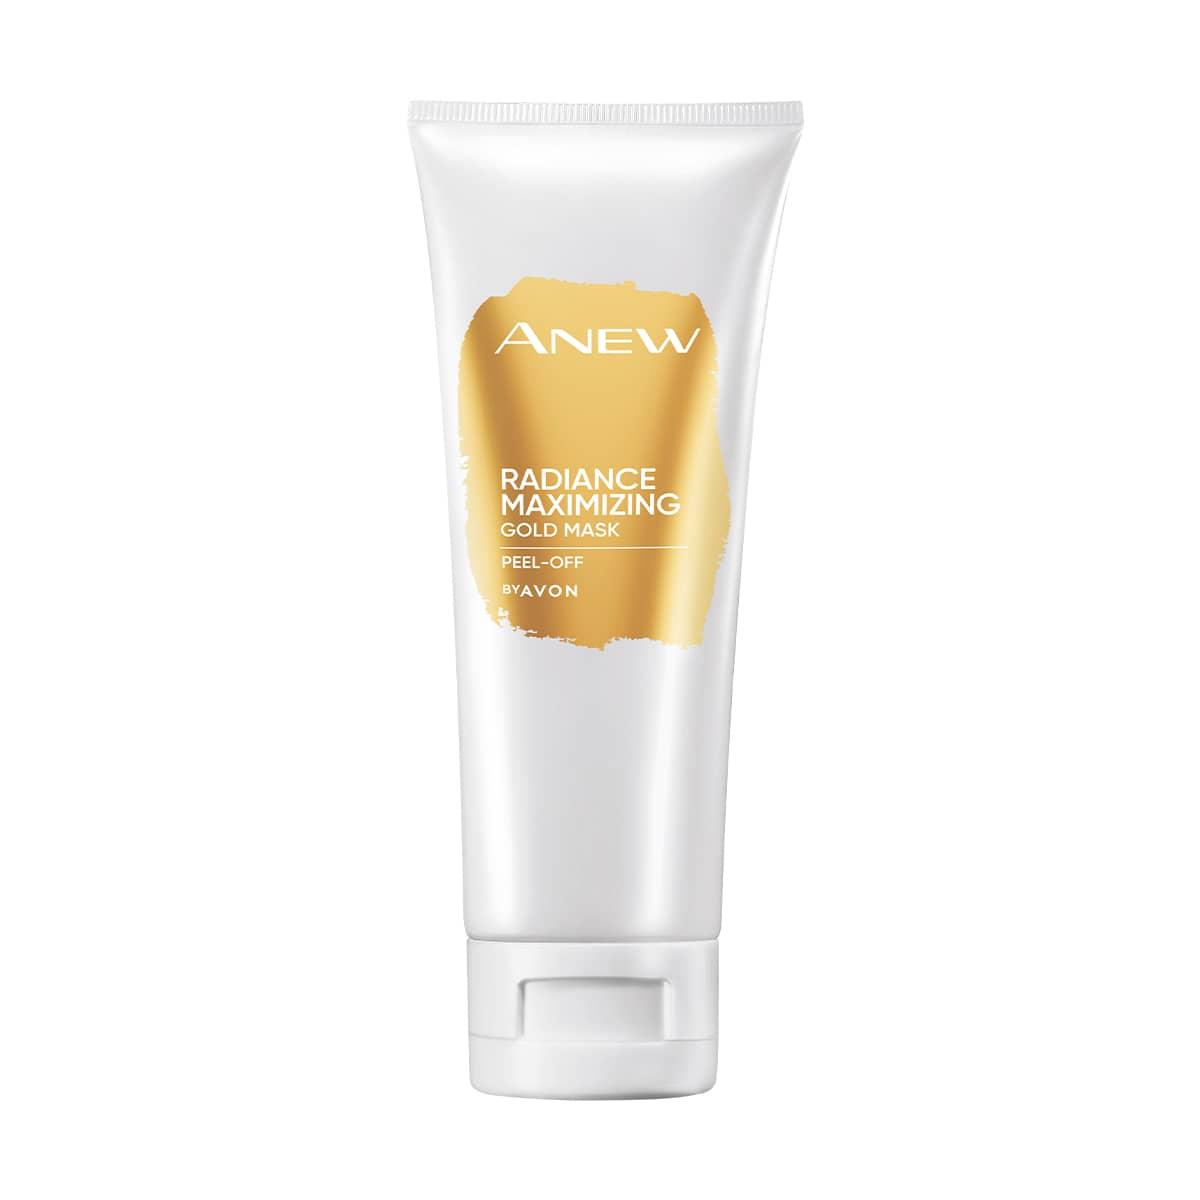 Anew Ultimate Radiance Maximizing Gold Mask 1379934 75ml